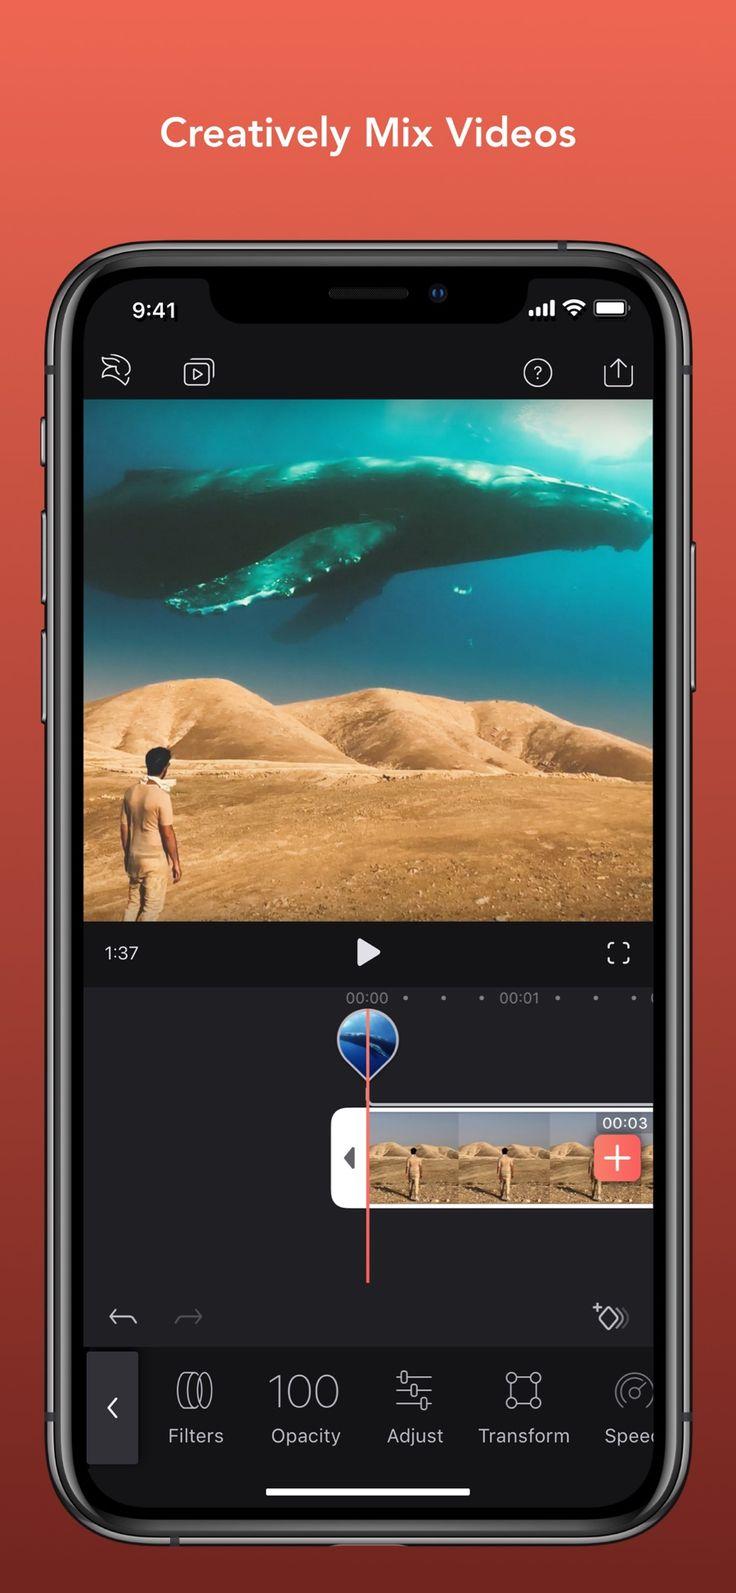 Enlight videoleap video editor combine edit overlay